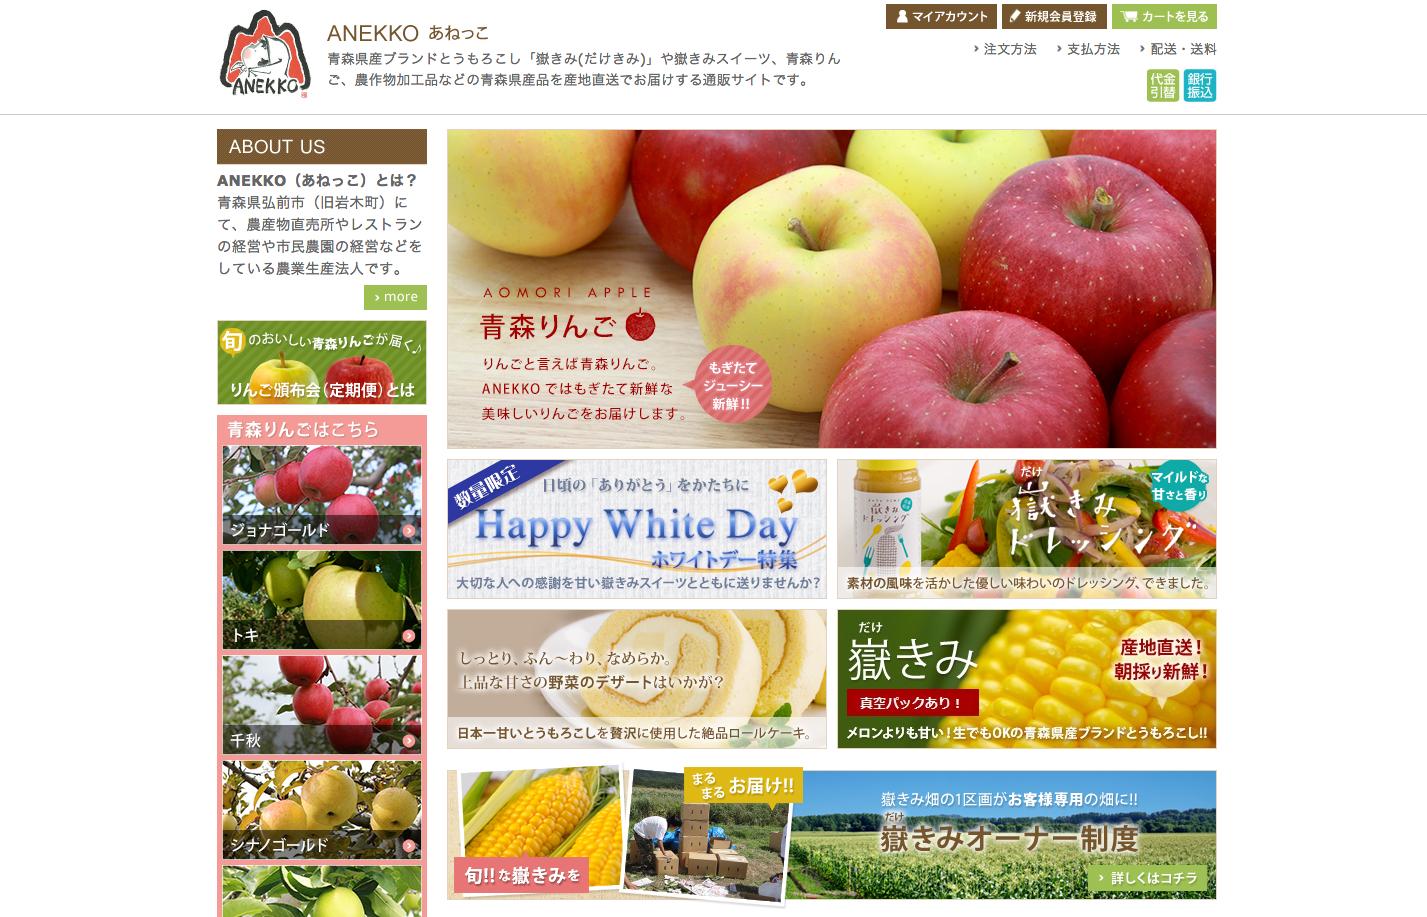 青森でりんごなどを販売しているANEKKOの通販サイトトップページです。